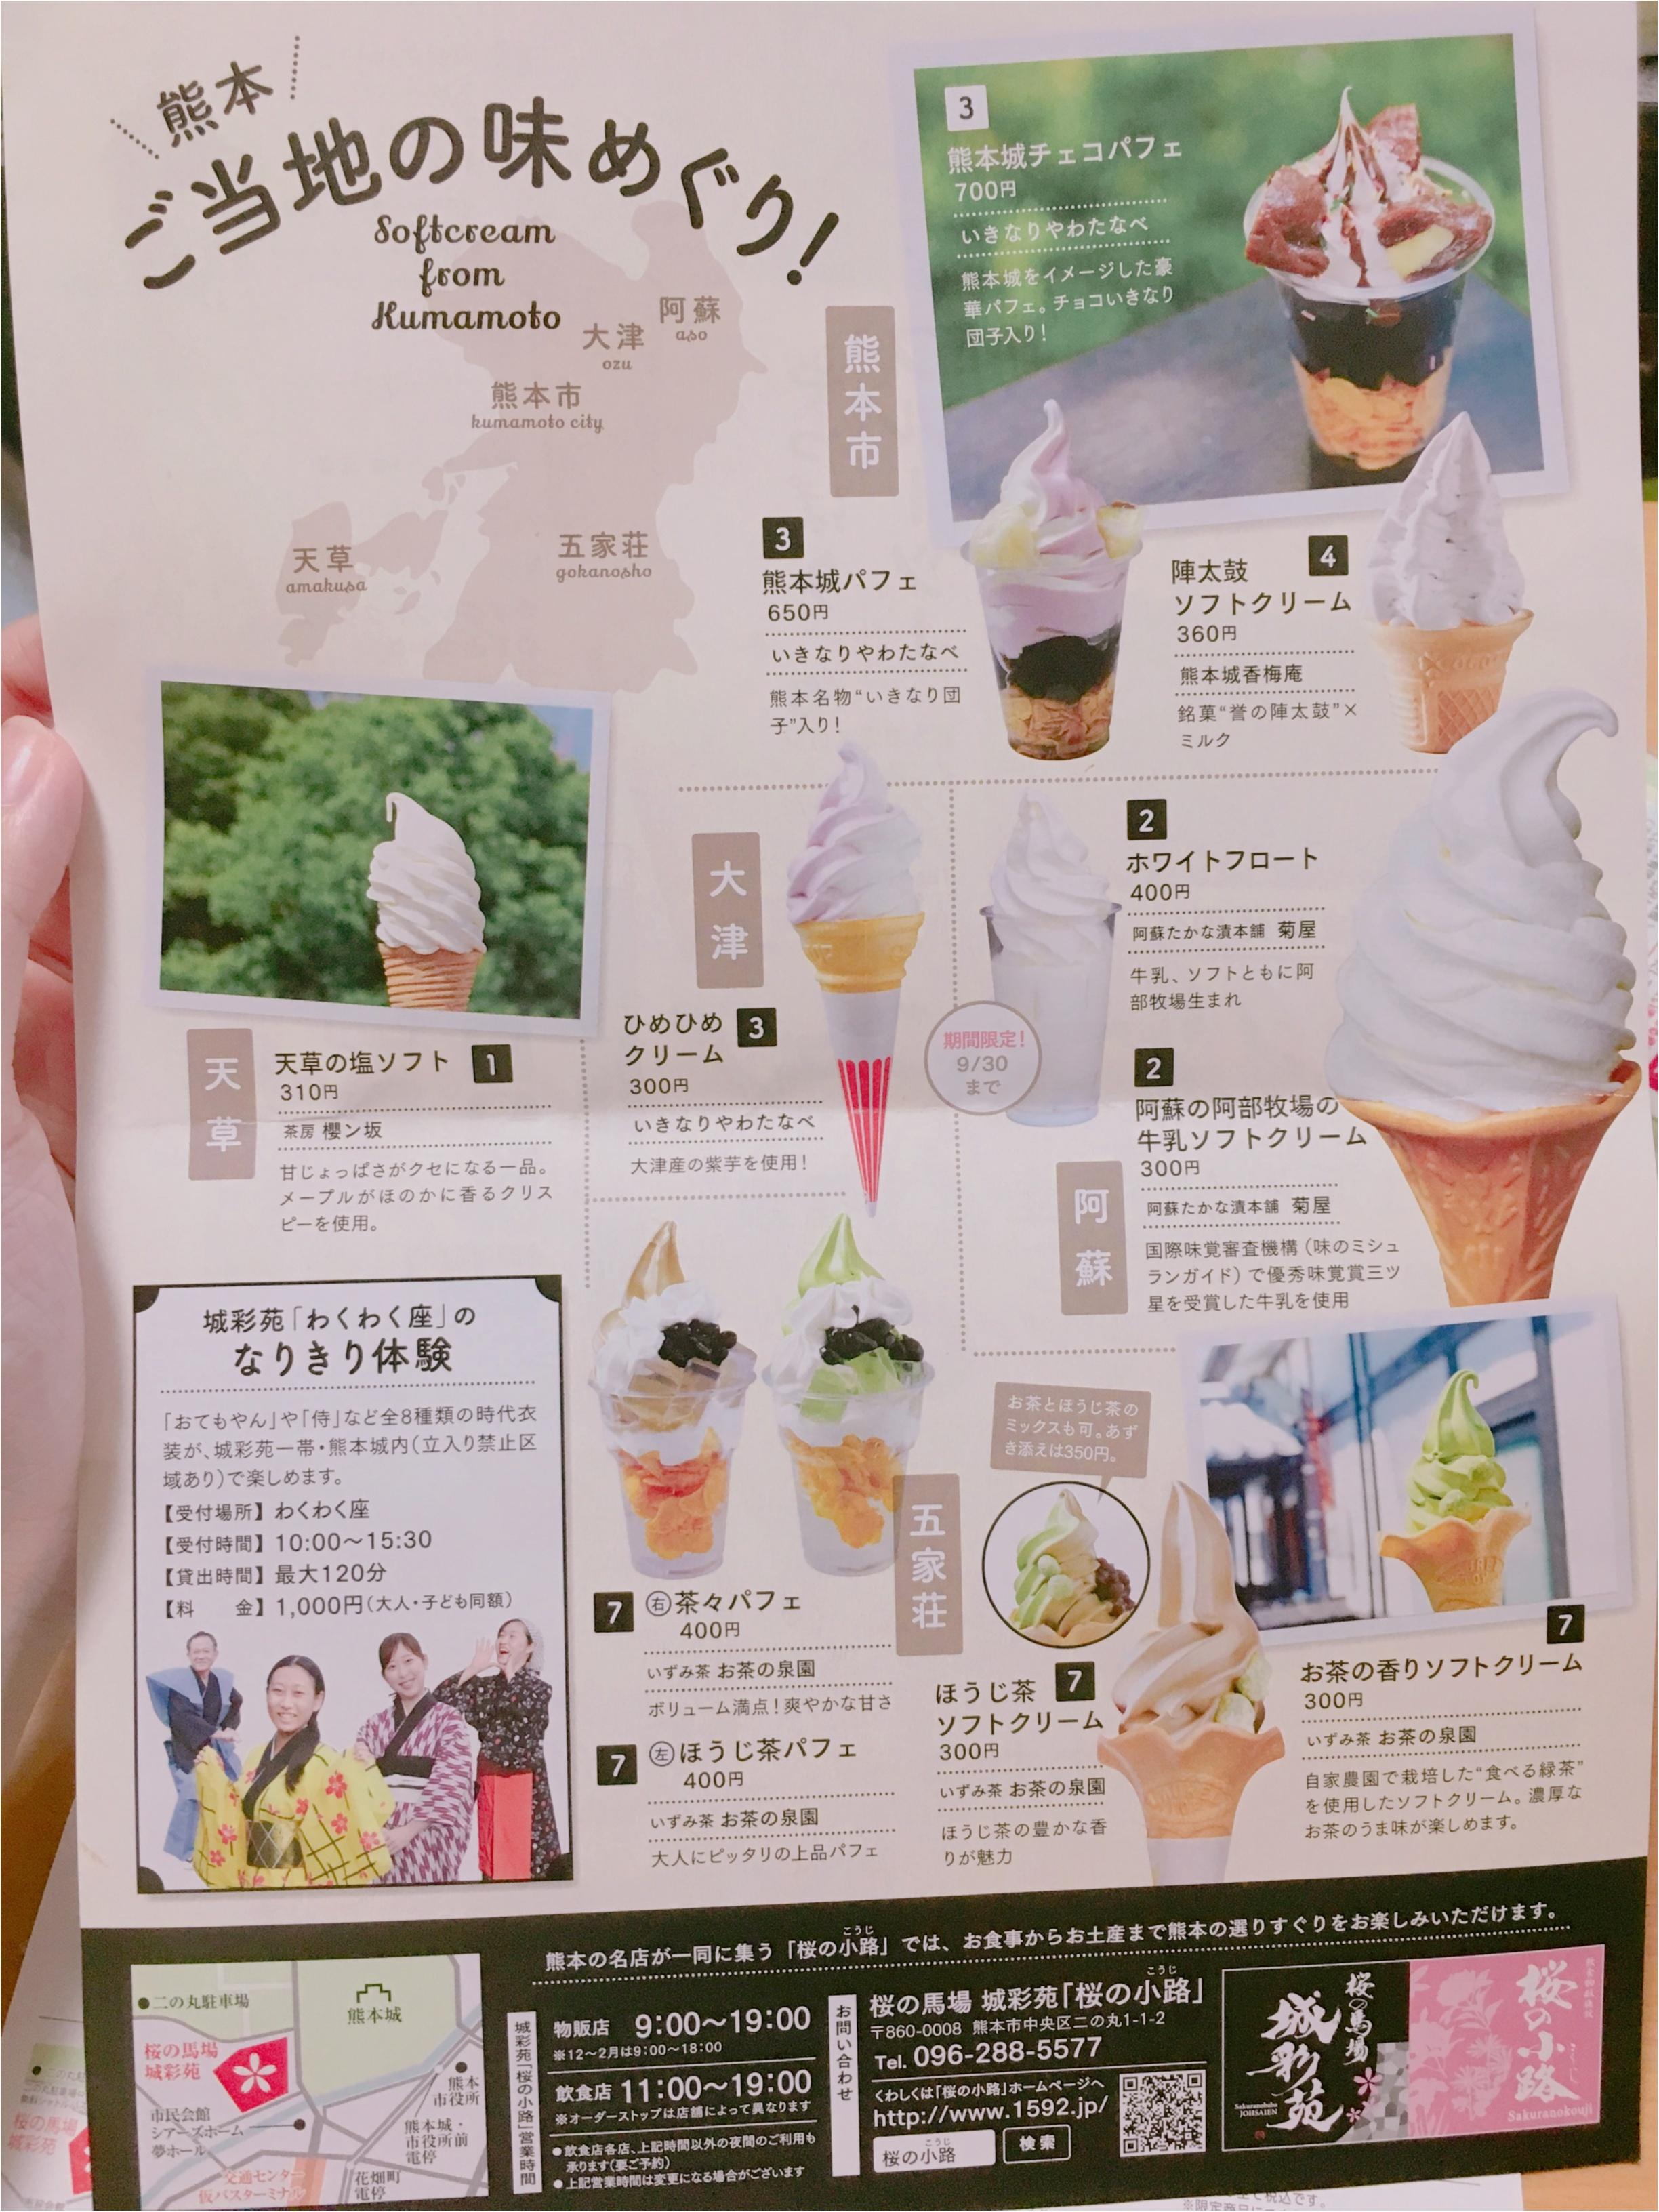 熊本市内で「くまモン」といくつ出会えるのか?~予告編~【#モアチャレ 熊本の魅力発信!】_3_3